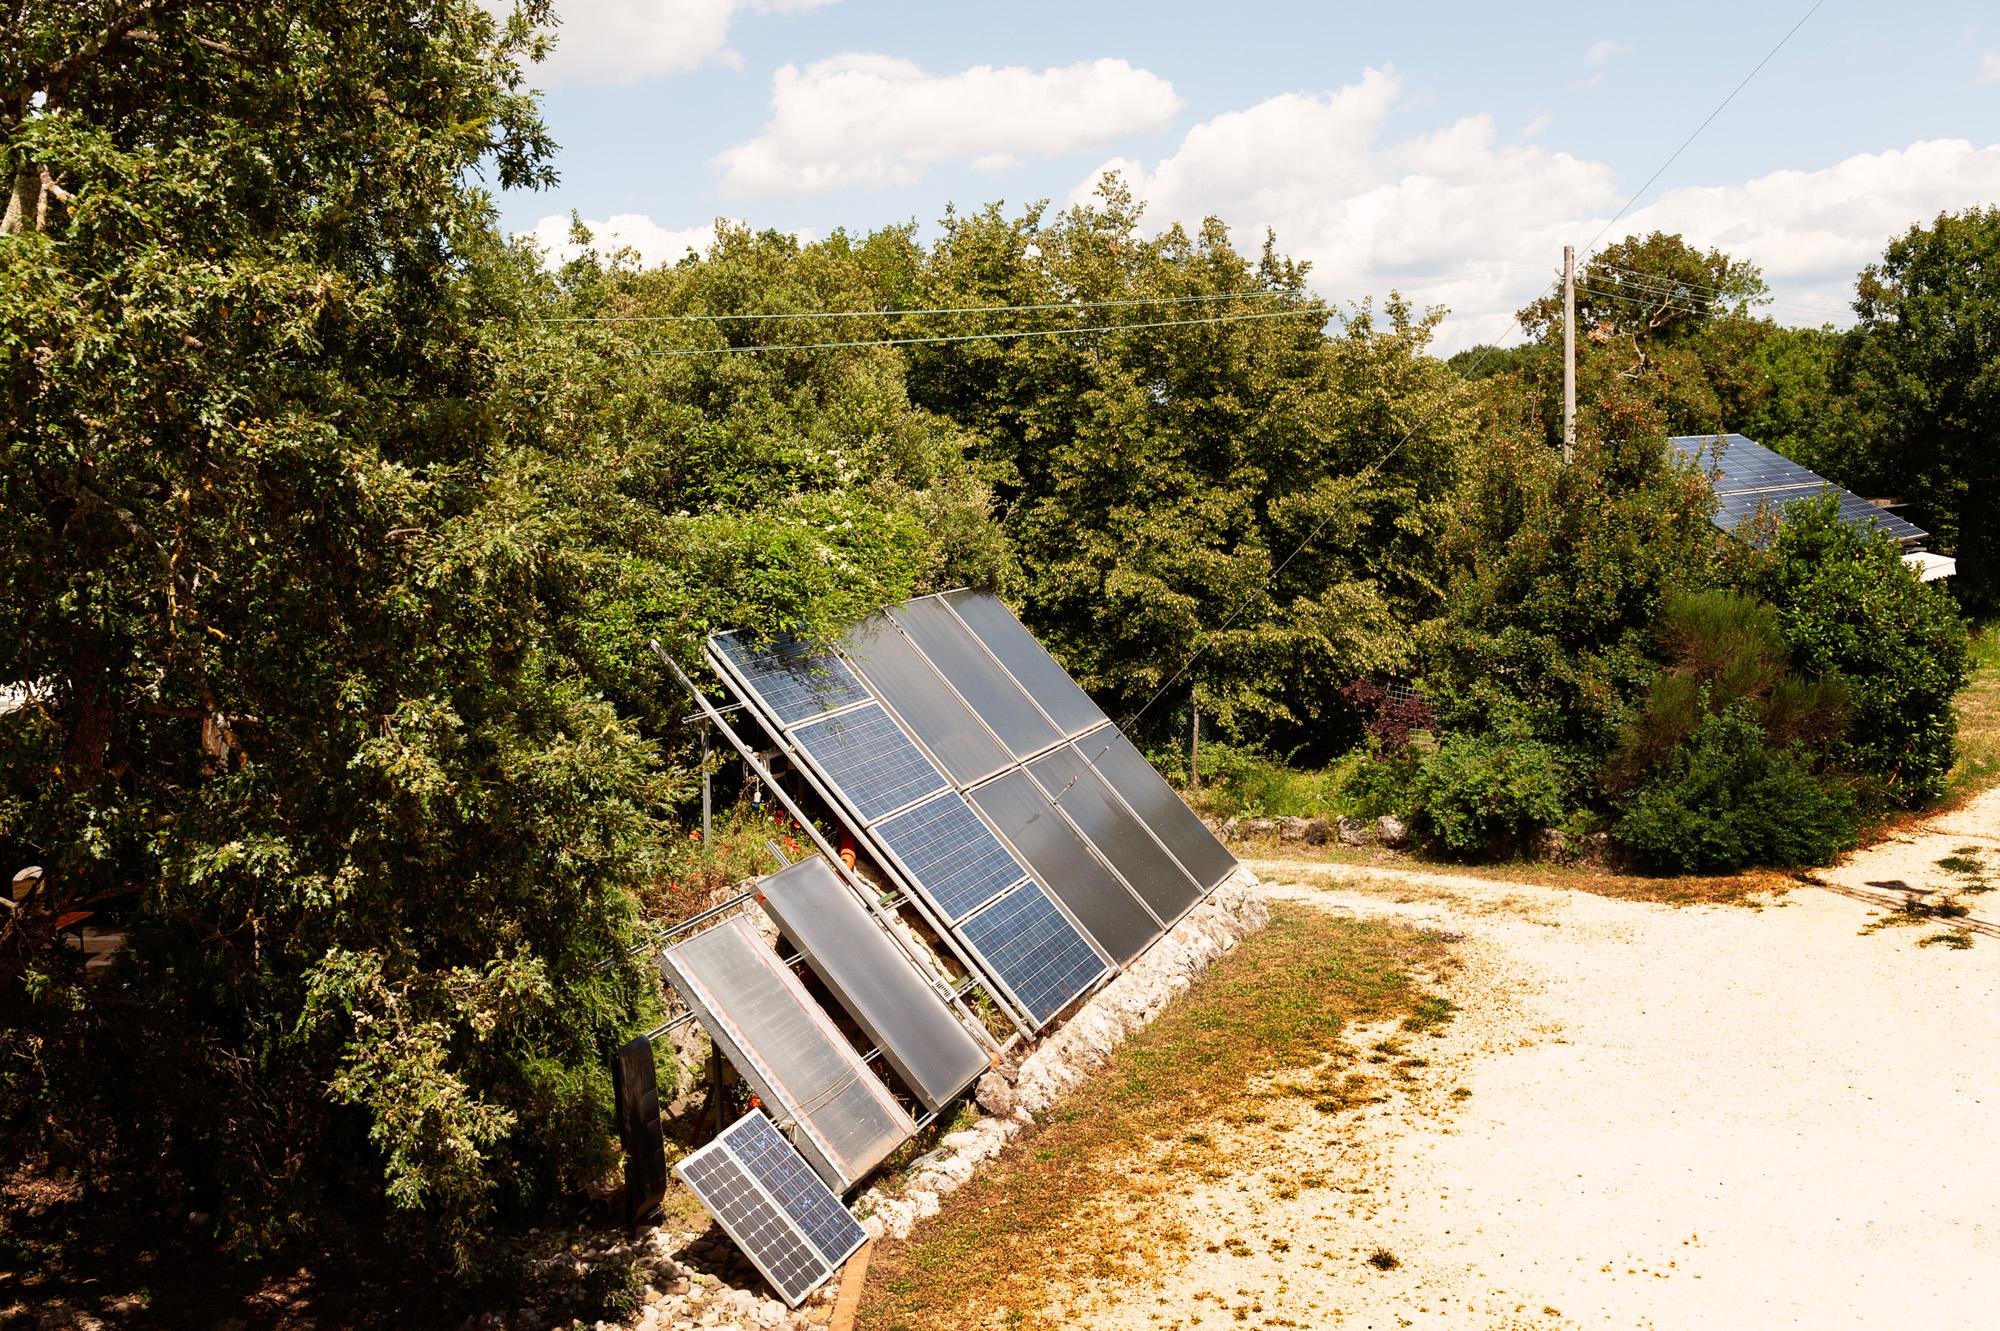 parco-energia-rinnovabile-umbria-per-pannelli-solari